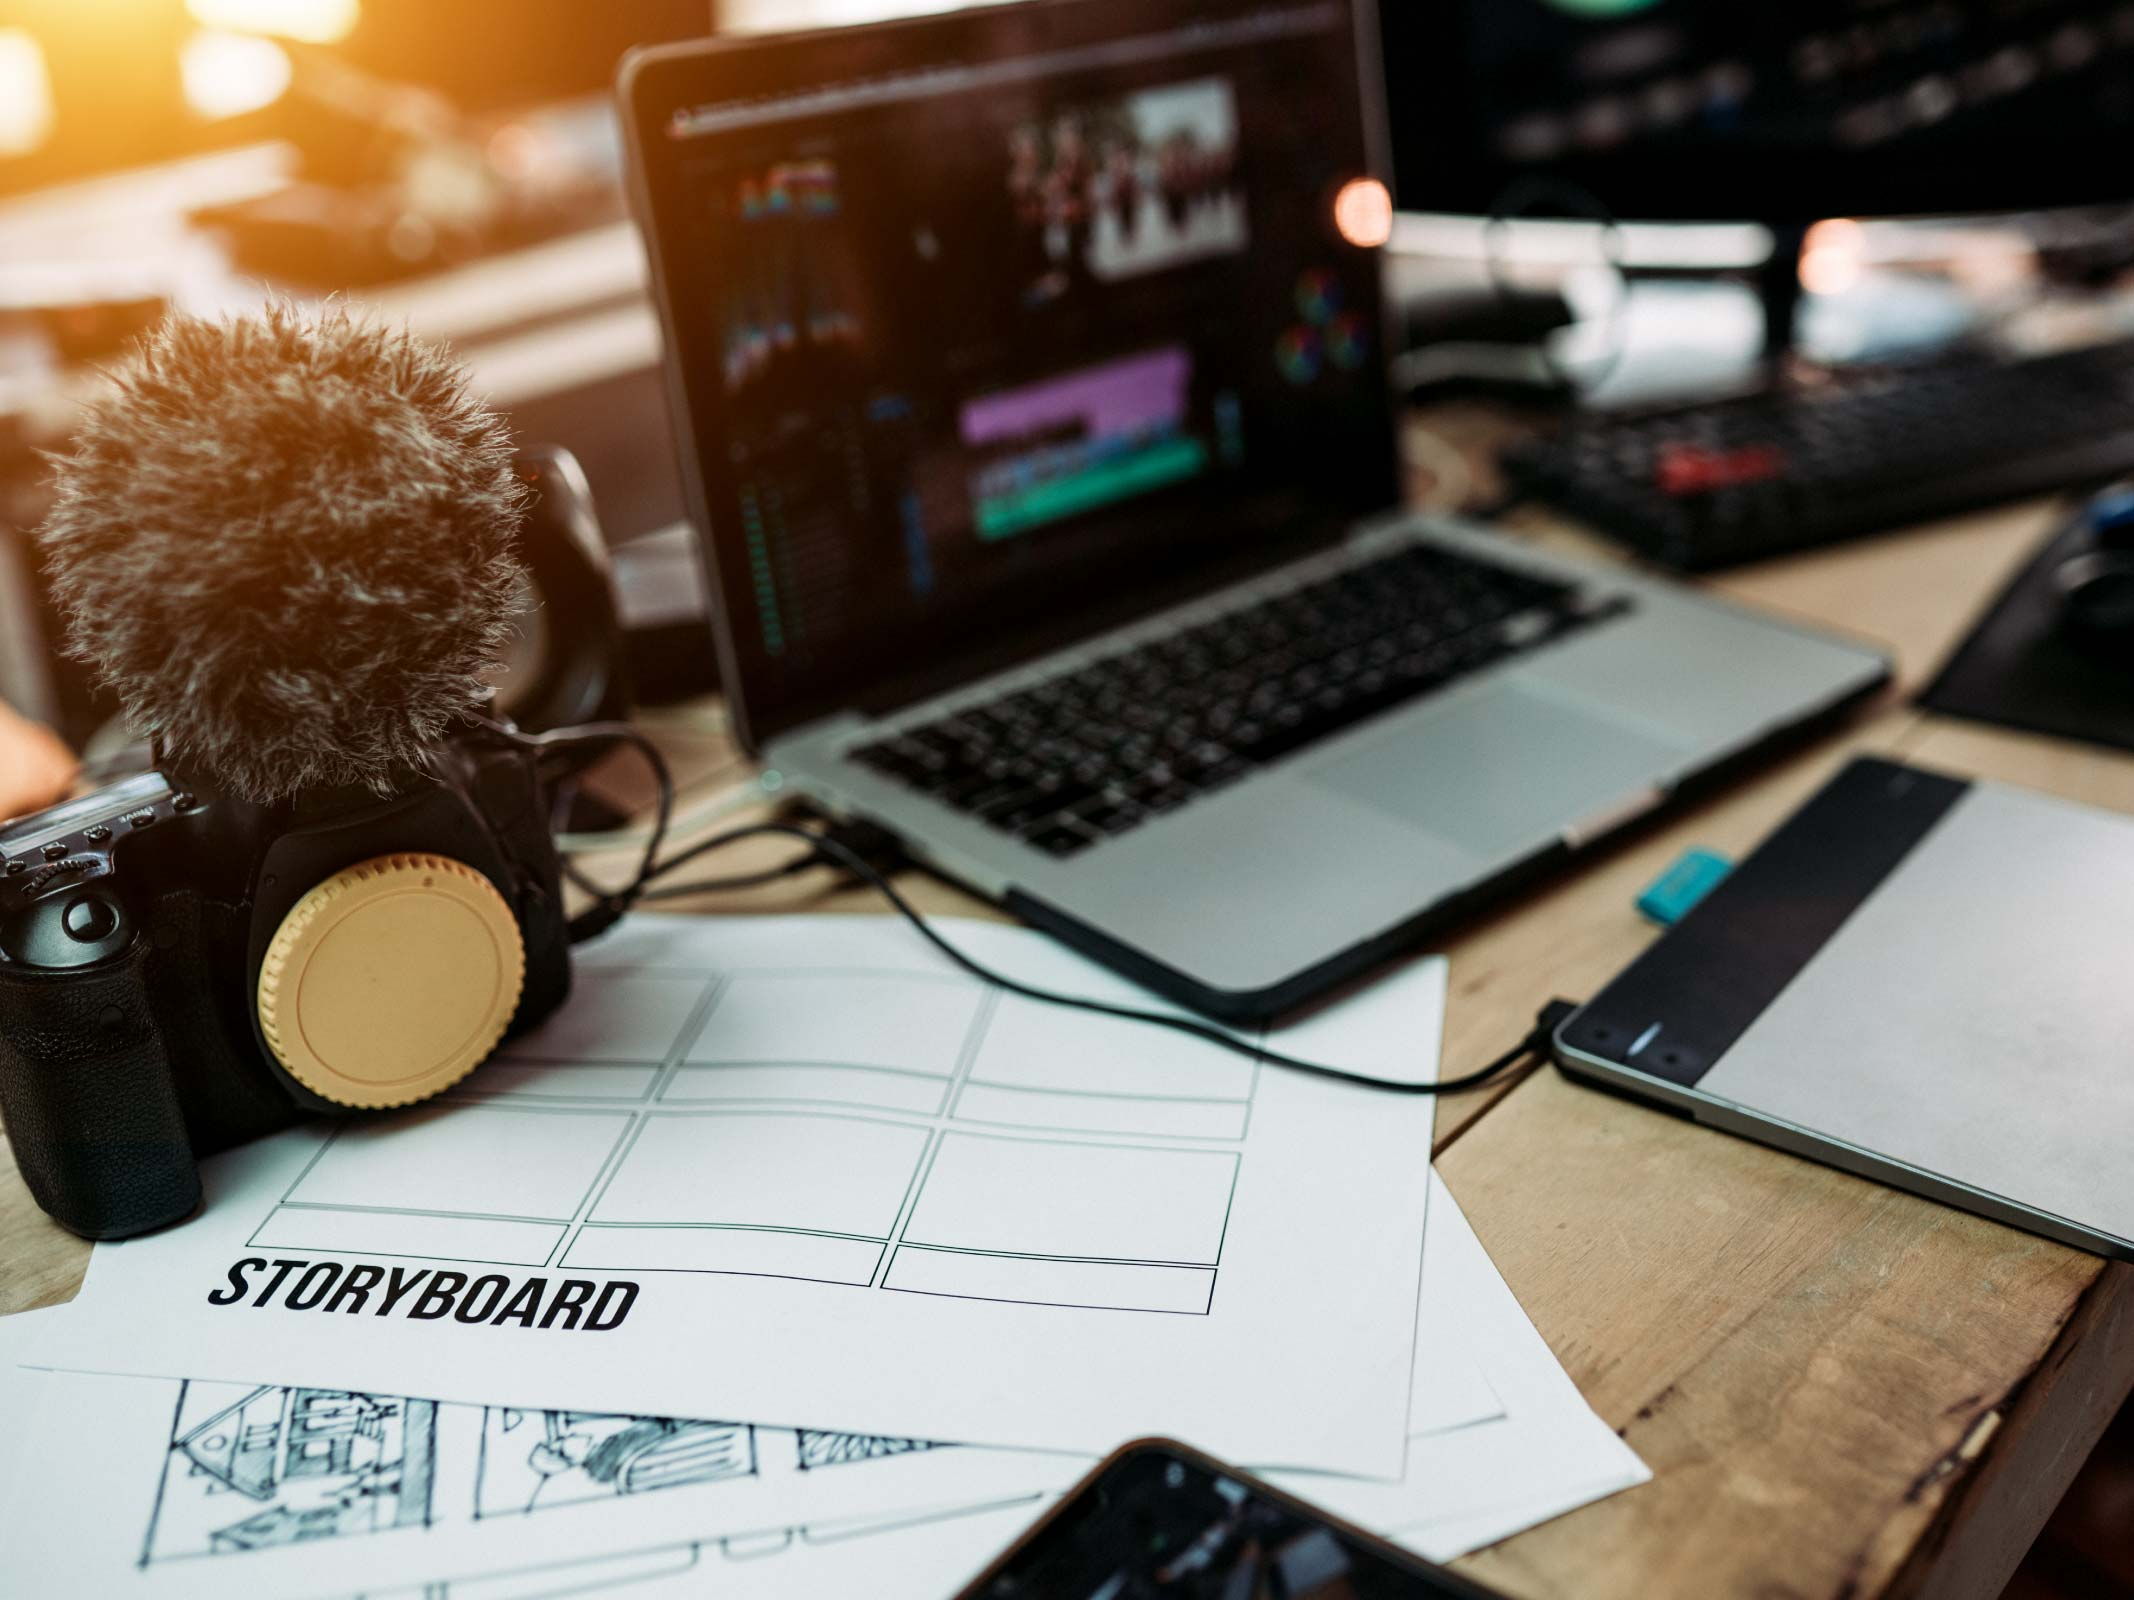 ordinateur portable et appareil photo sur bureau